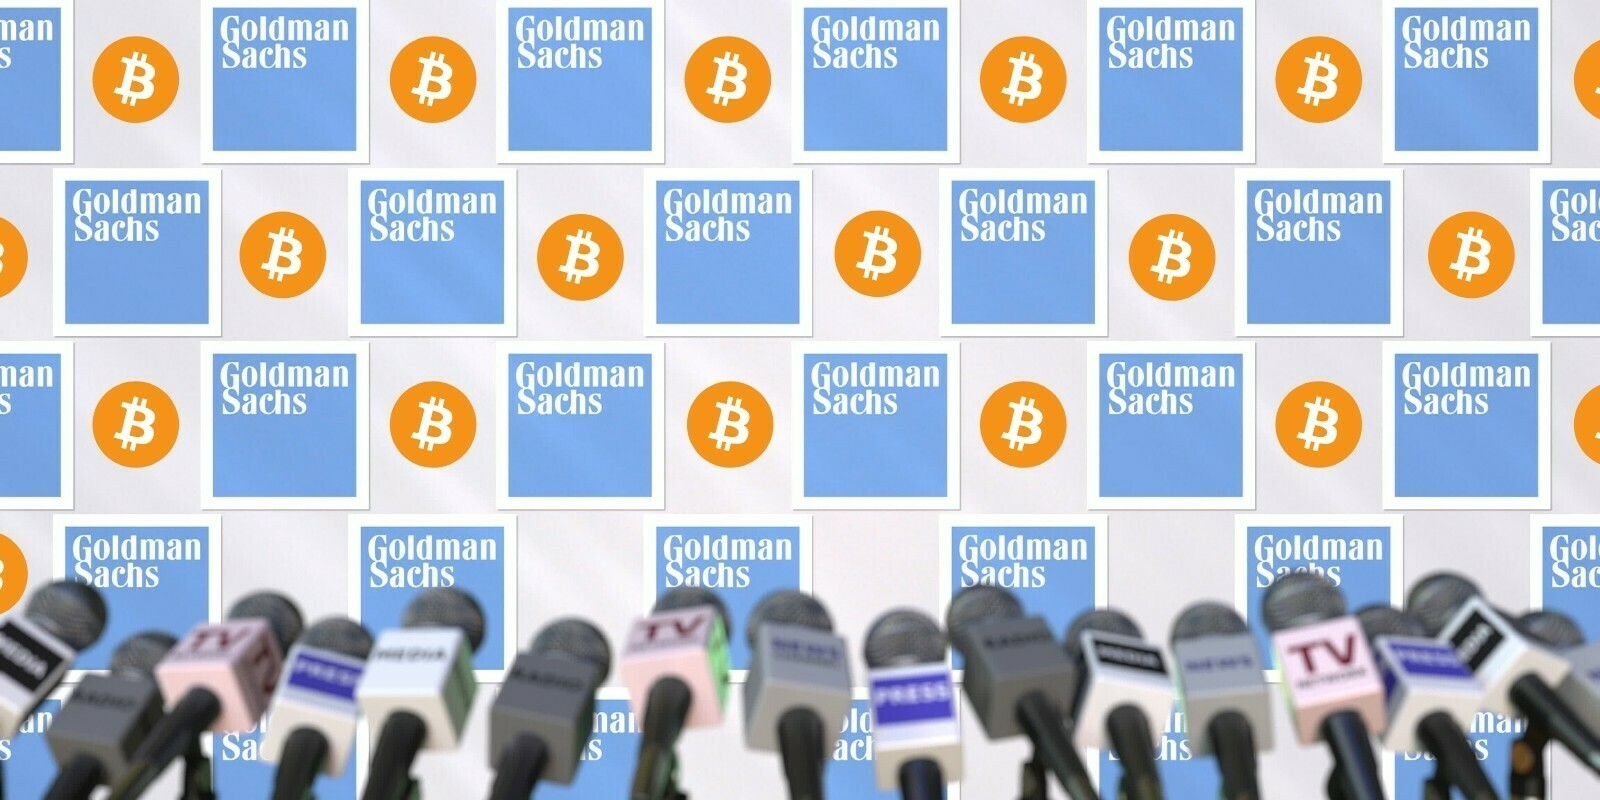 40 % des clients de Goldman Sachs affirment être exposés aux cryptomonnaies